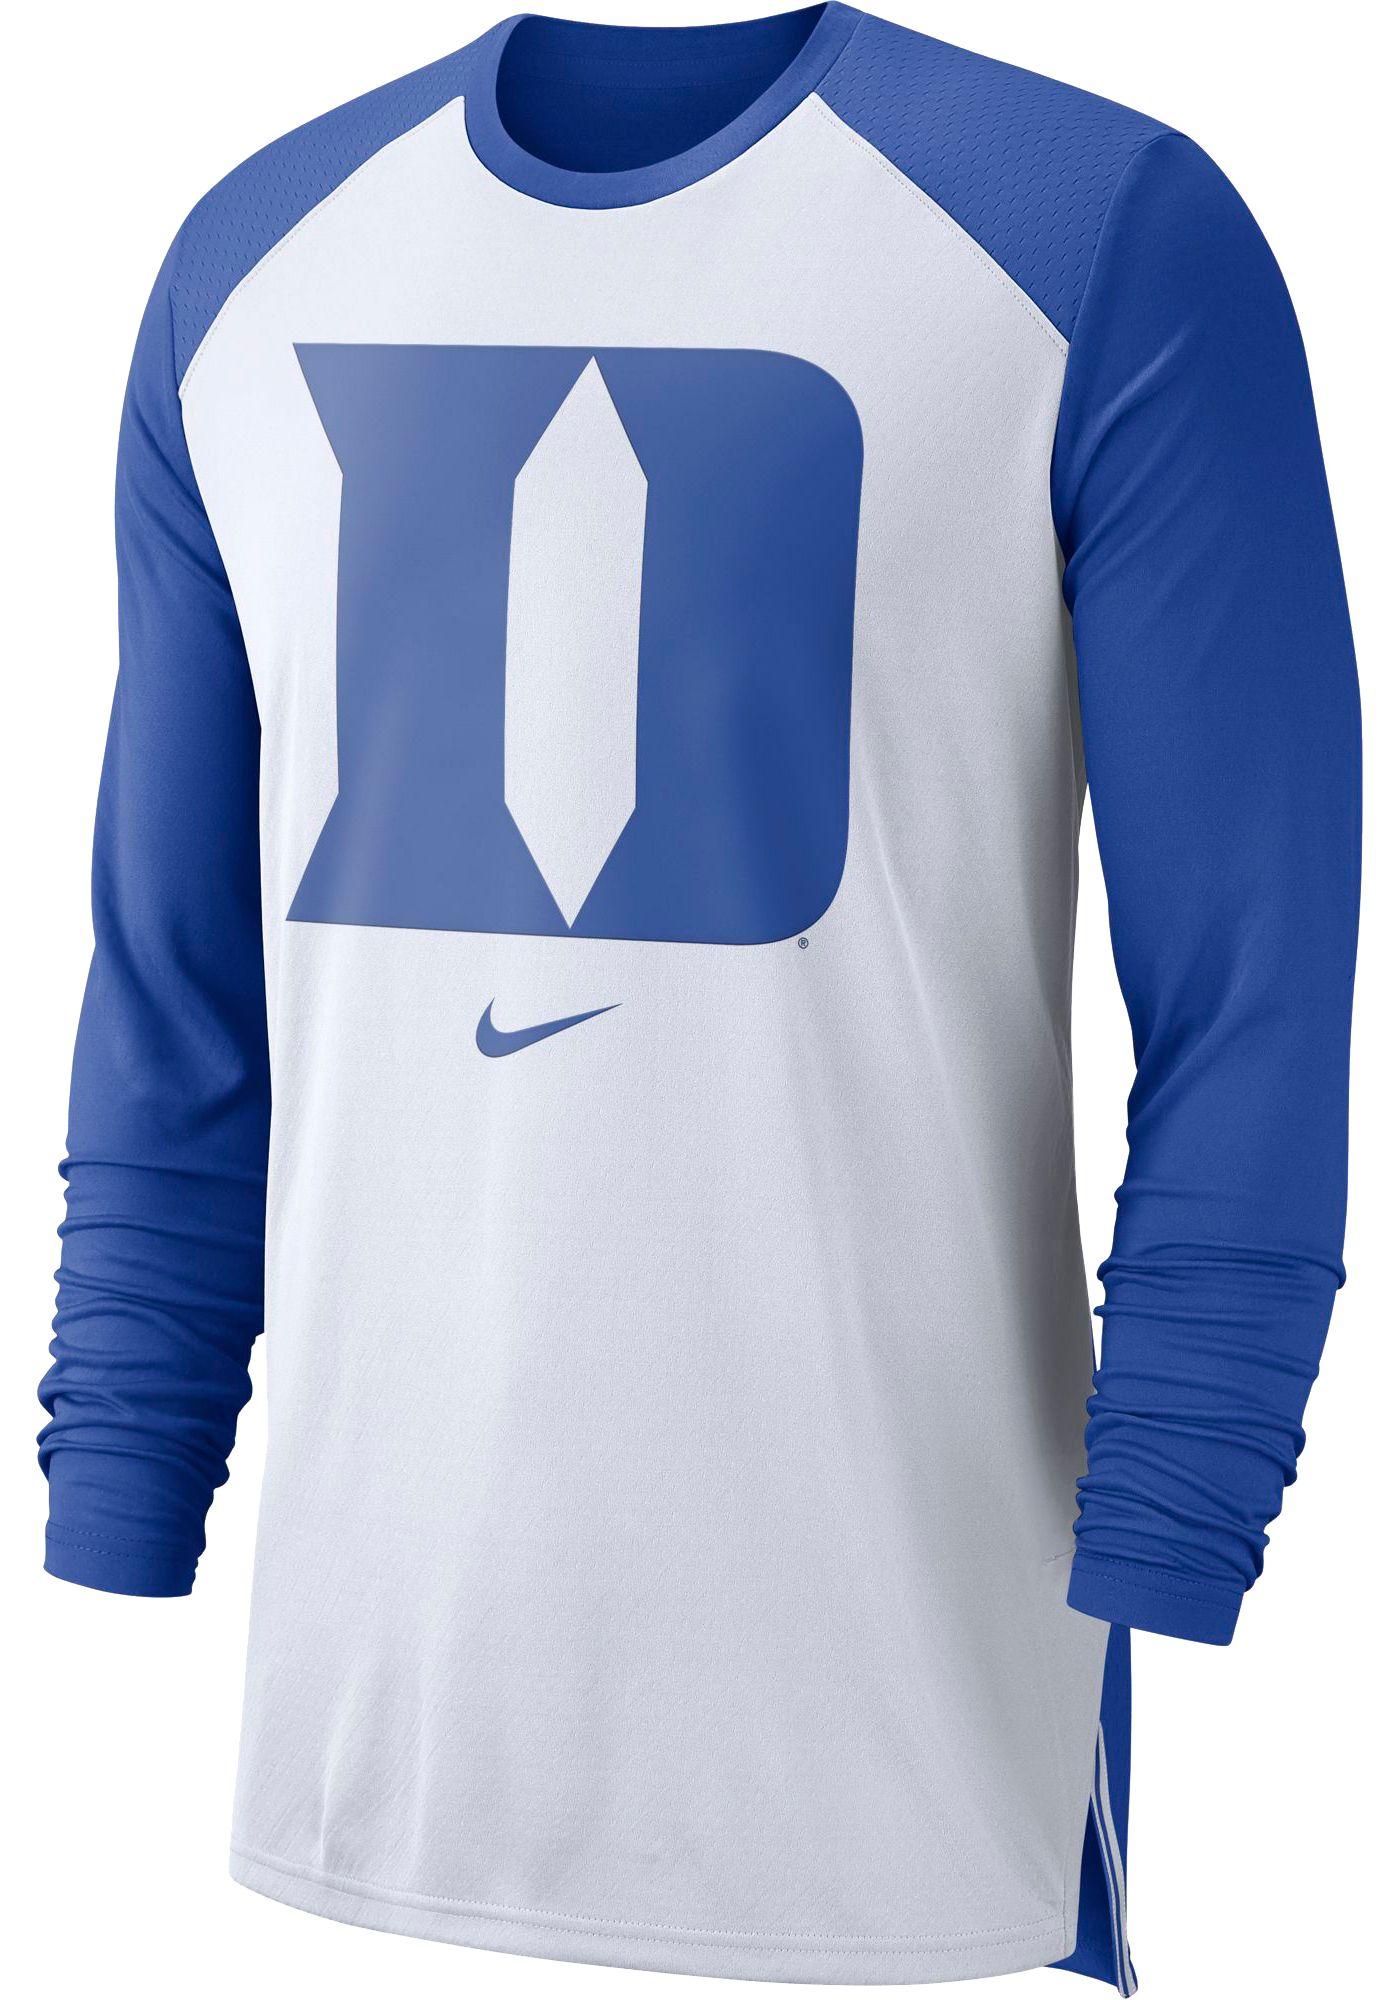 Nike Men's Duke Blue Devils White/Duke Blue Long Sleeve Shooting Shirt